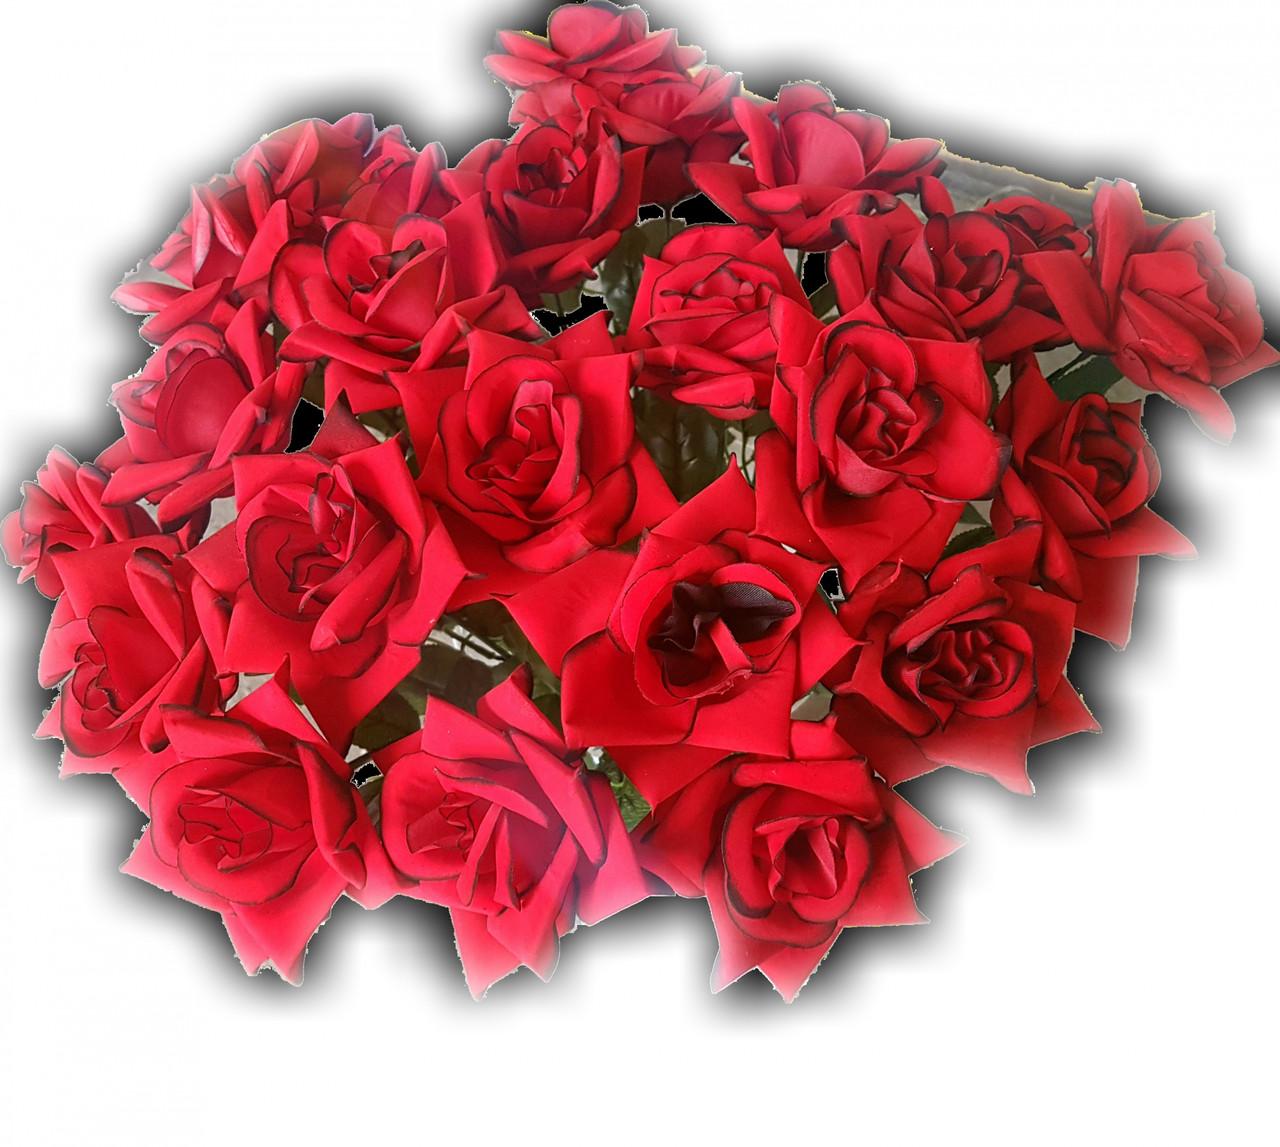 Роза бархат на ножке, 65 см (25 шт./ уп.) Искусственные цветы оптом